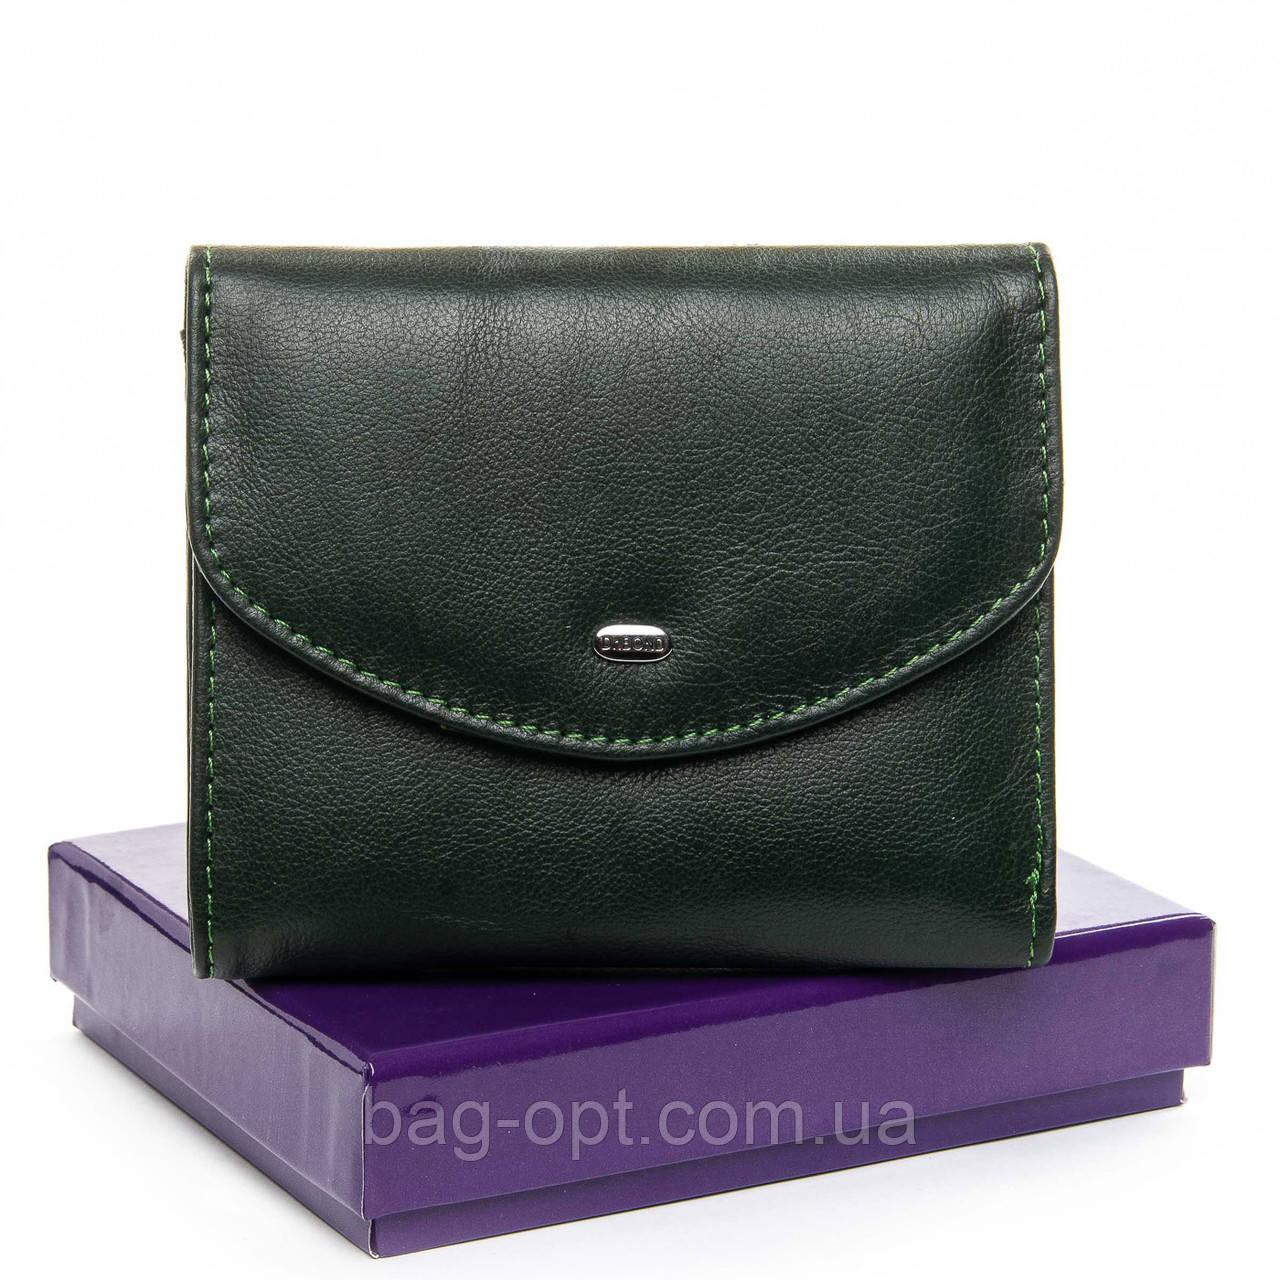 Женский кошелек кожаный Bond (12x10x2,5 см) зеленый